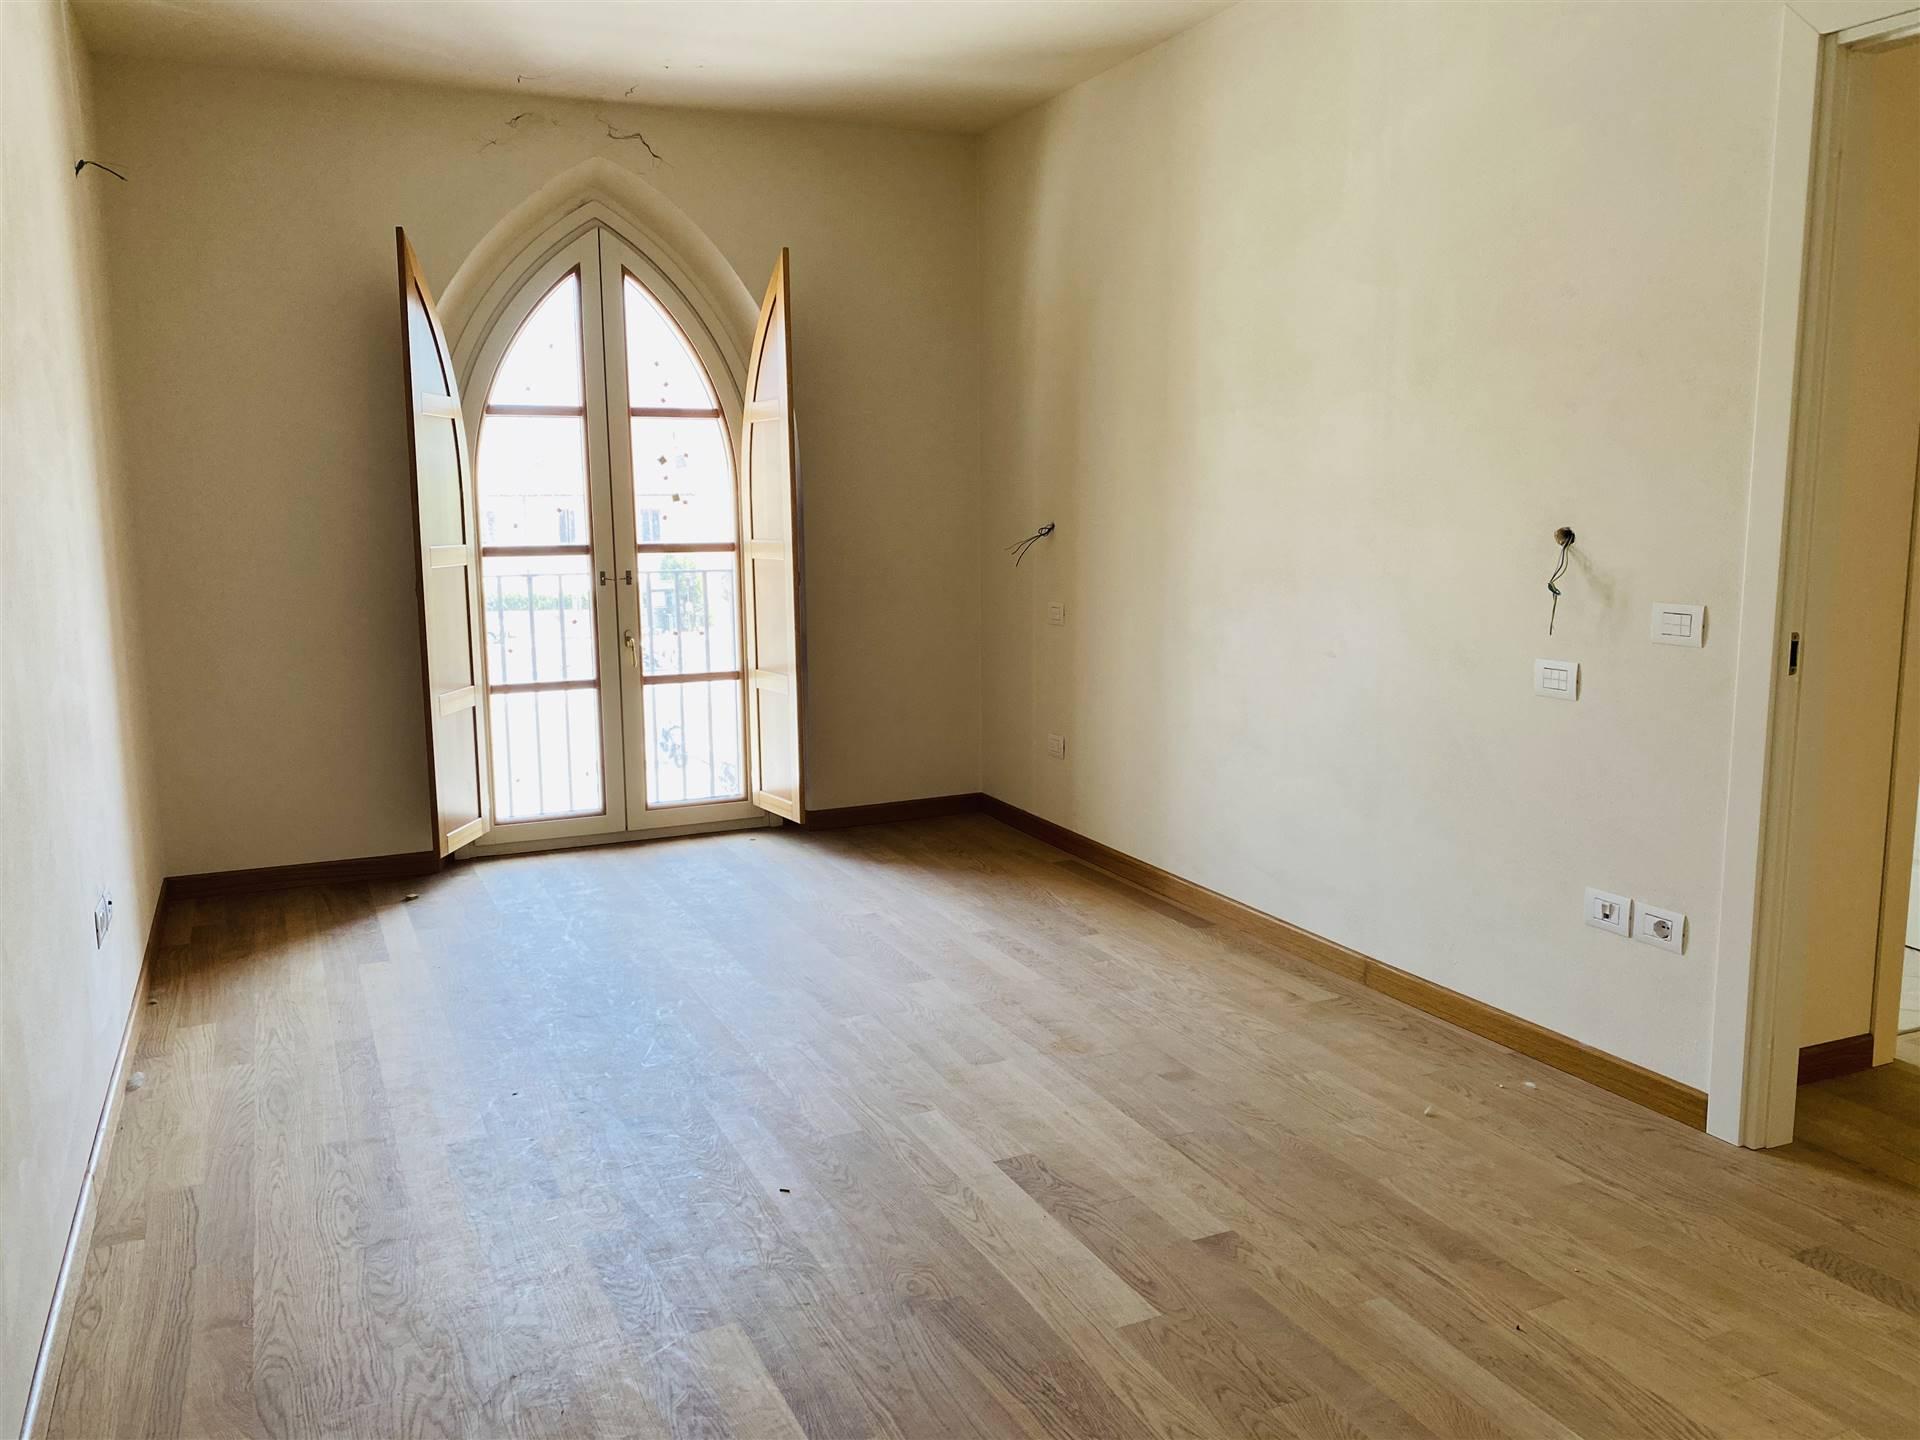 Appartamento in vendita a Pisa, 4 locali, zona Località: SAN MICHELE, prezzo € 370.000   PortaleAgenzieImmobiliari.it